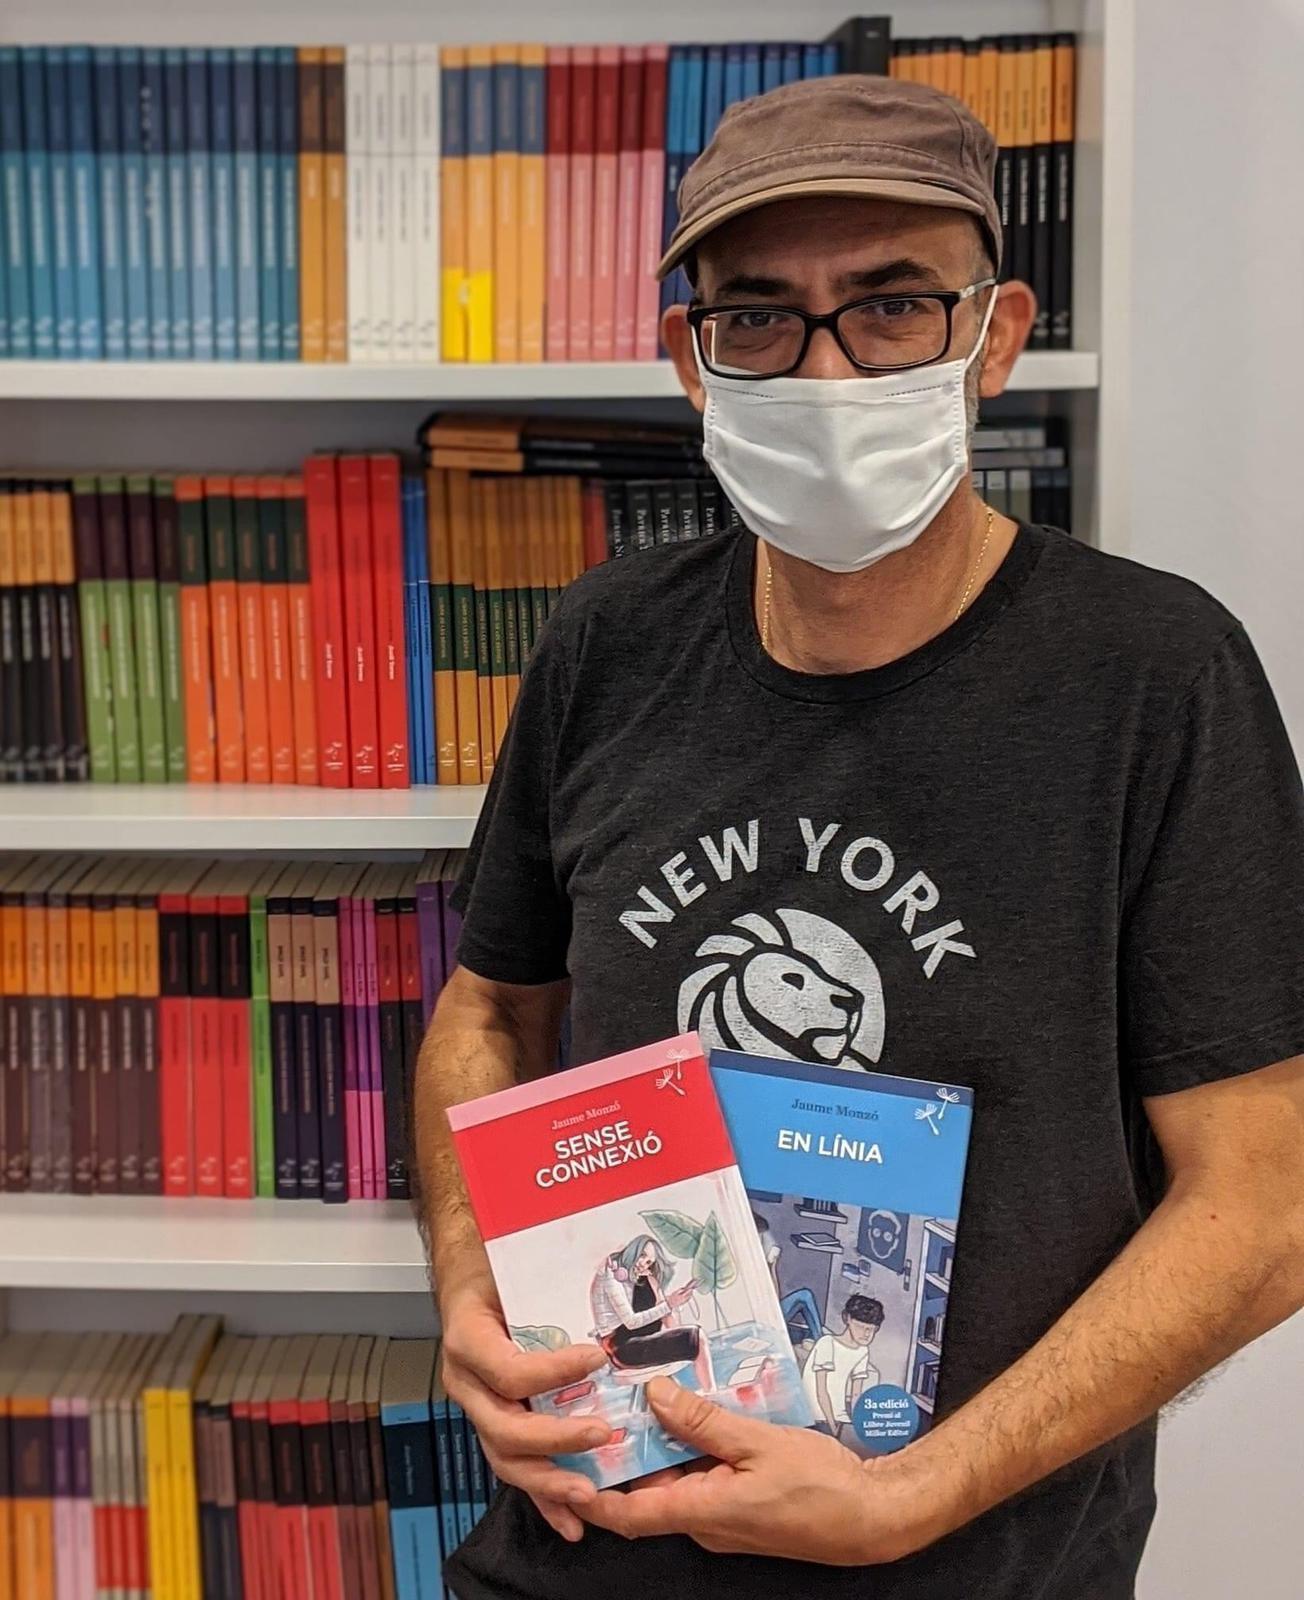 Fotografia original de l'entrevista de Jaume Monzó al setmanari El Temps https://www.eltemps.cat/article/11898/entrevista-jaume-monzo